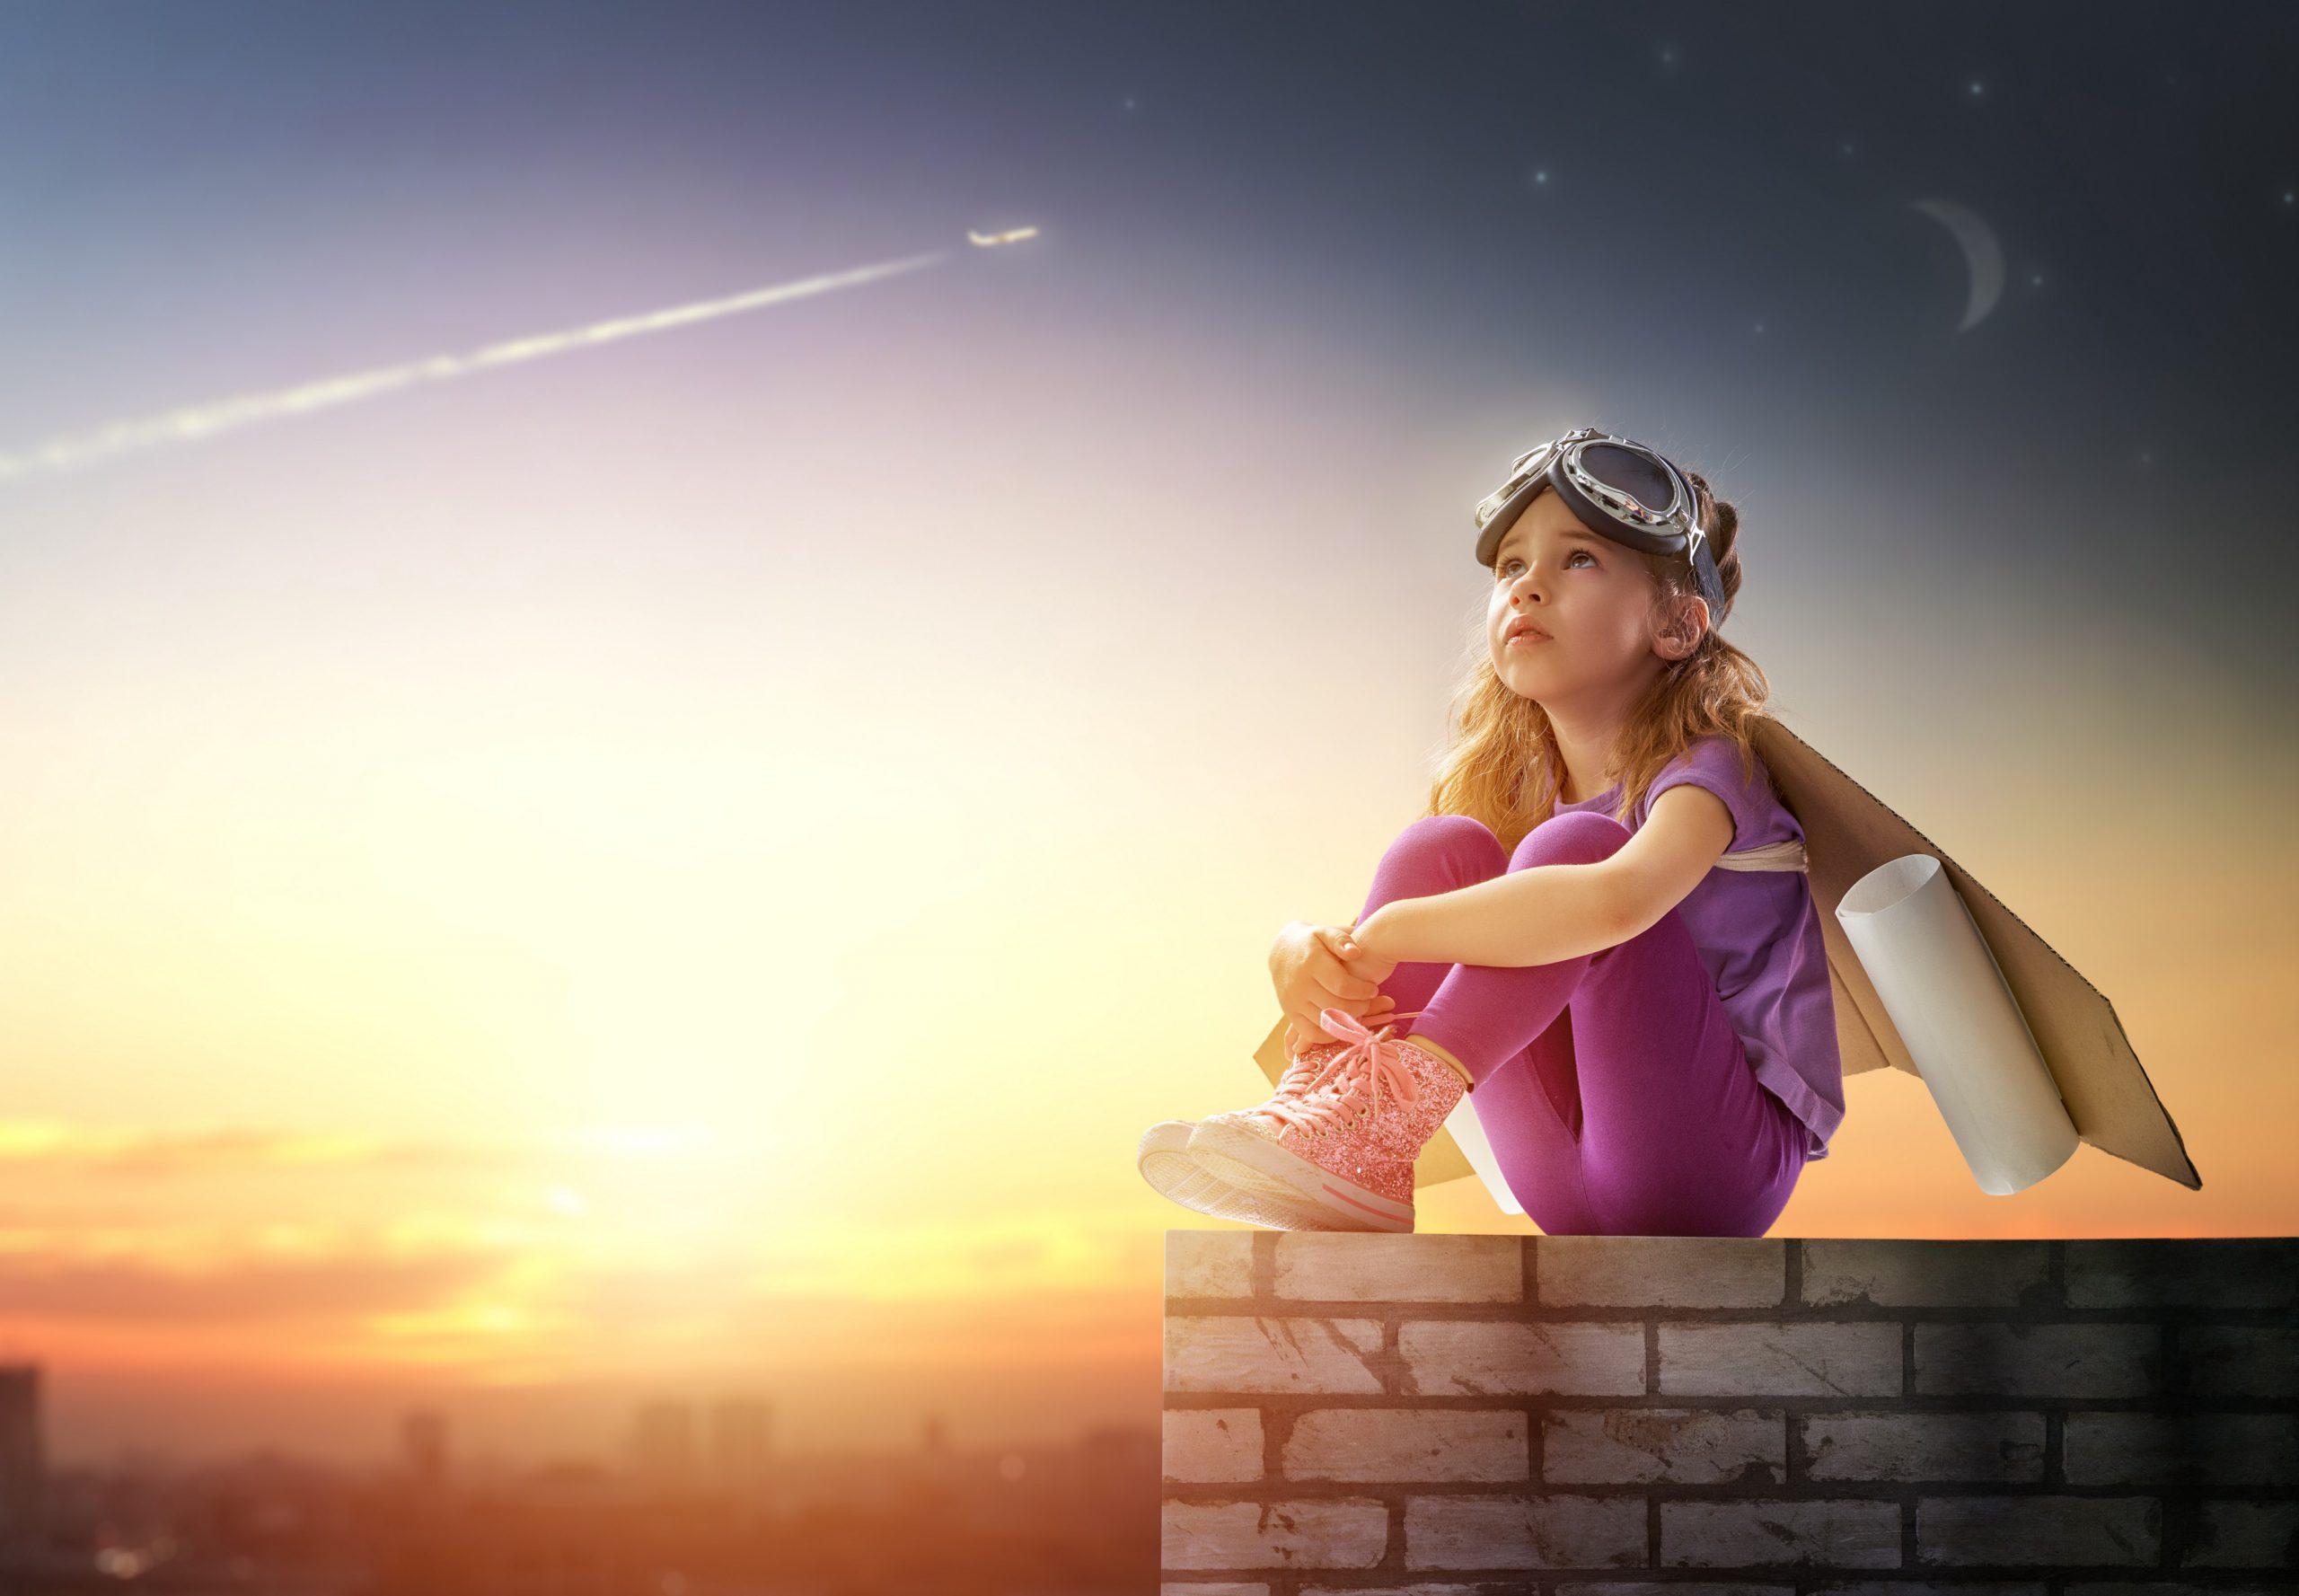 مزایای بیمه آتیه کودکان بیمه ایران